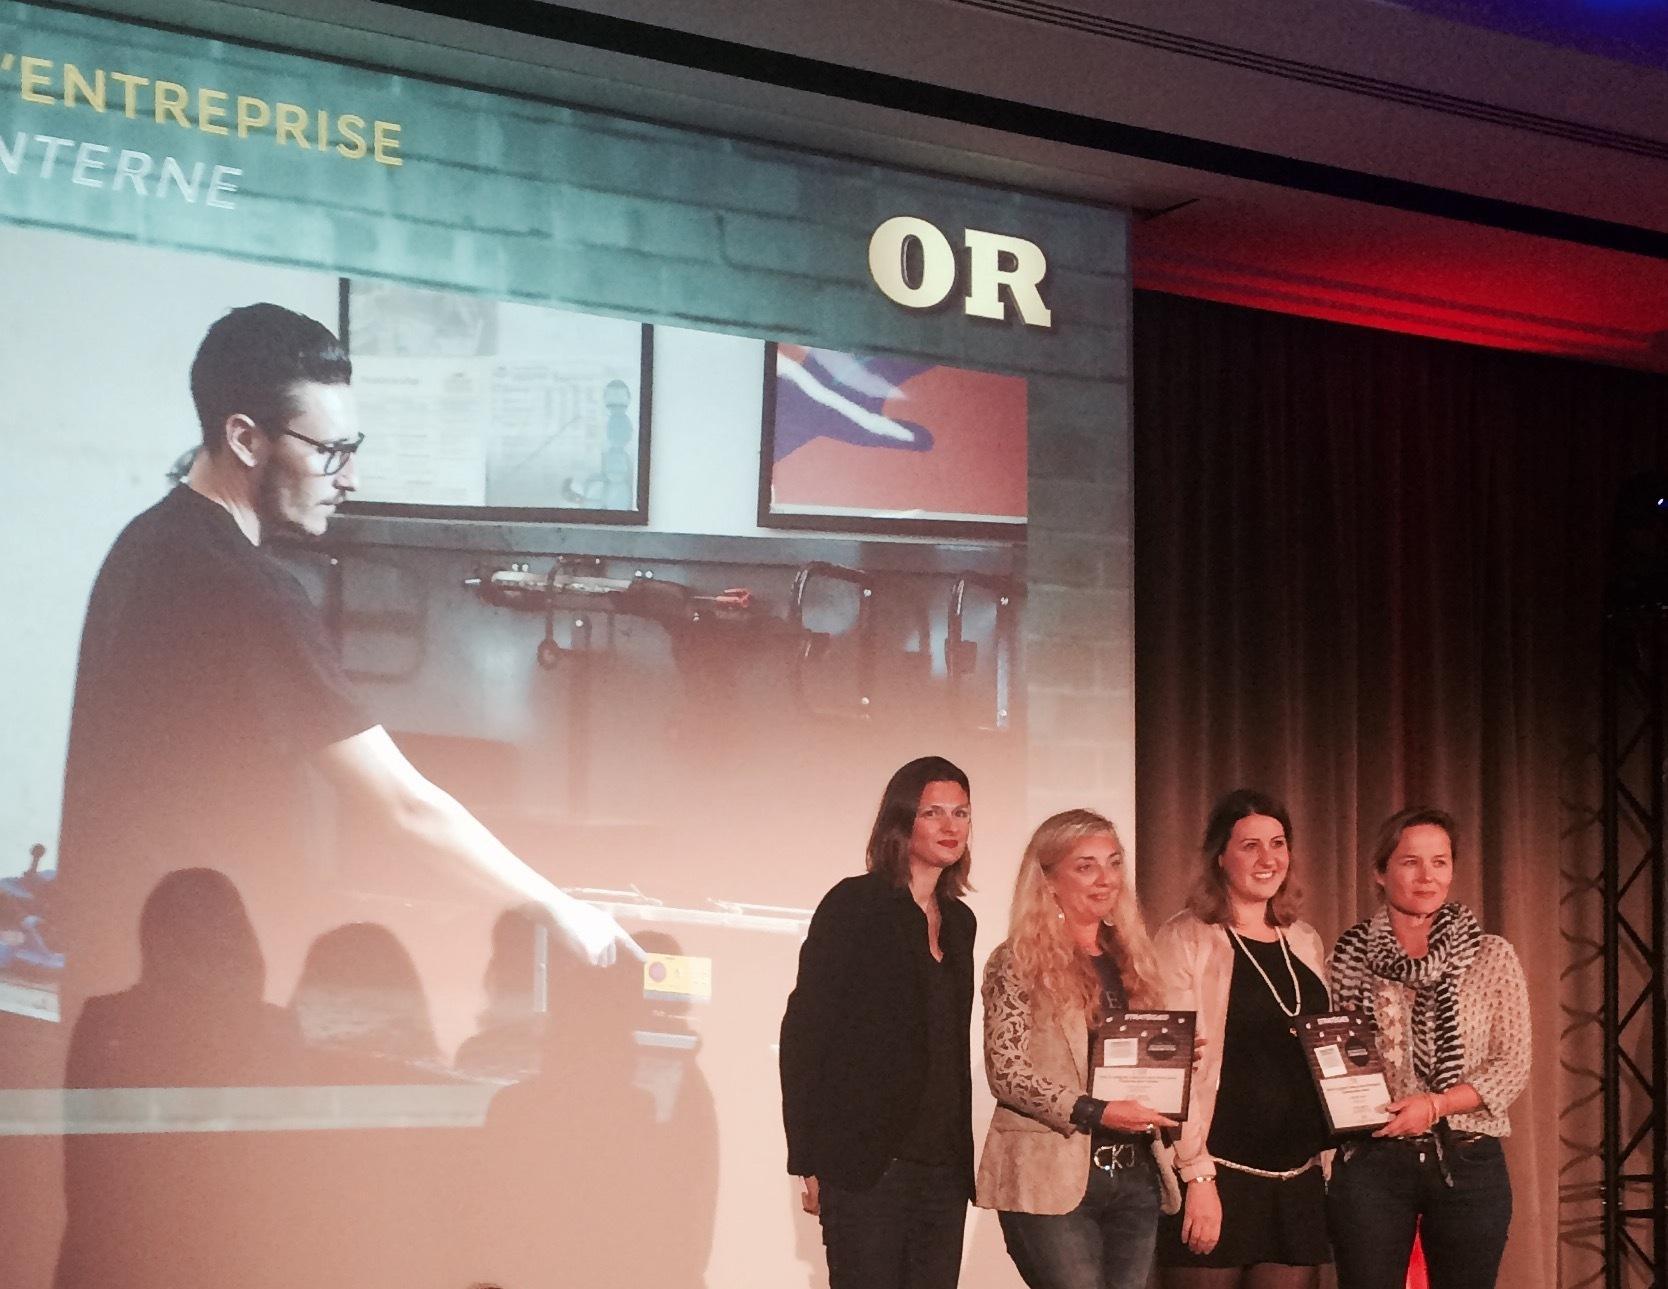 Carglass Radio récompensée au Grand Prix Stratégies 2017 dans la catégorie communication d'entreprise/communication interne.